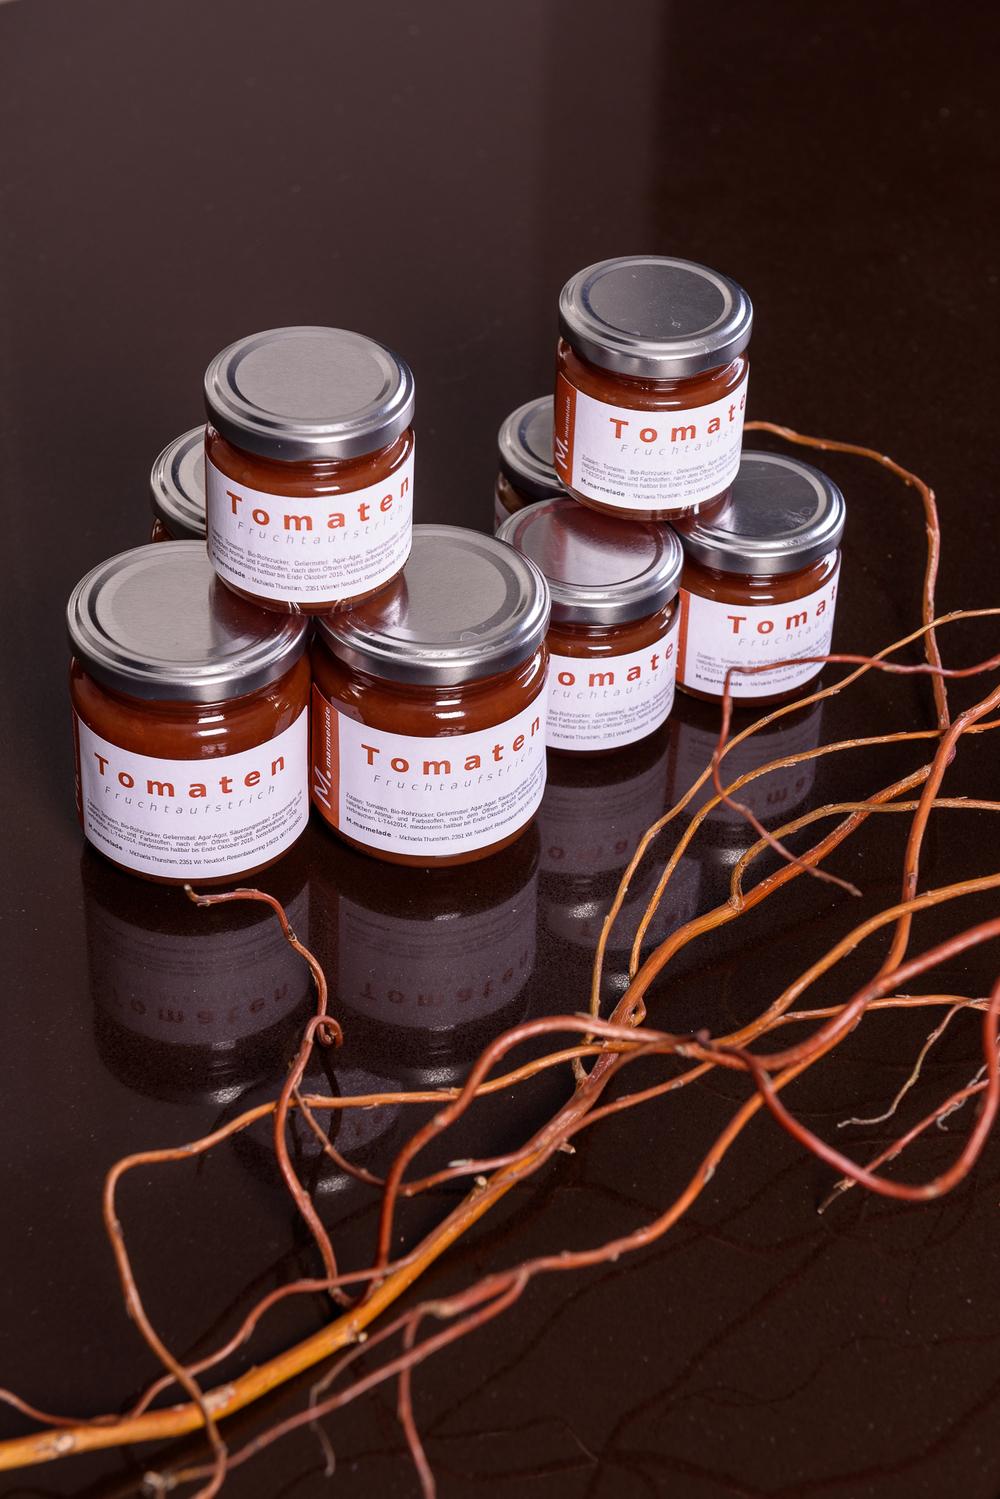 Tomatenmarmelade Produkt Advertising Werbung by JHofer-Foto Juergen Hofer